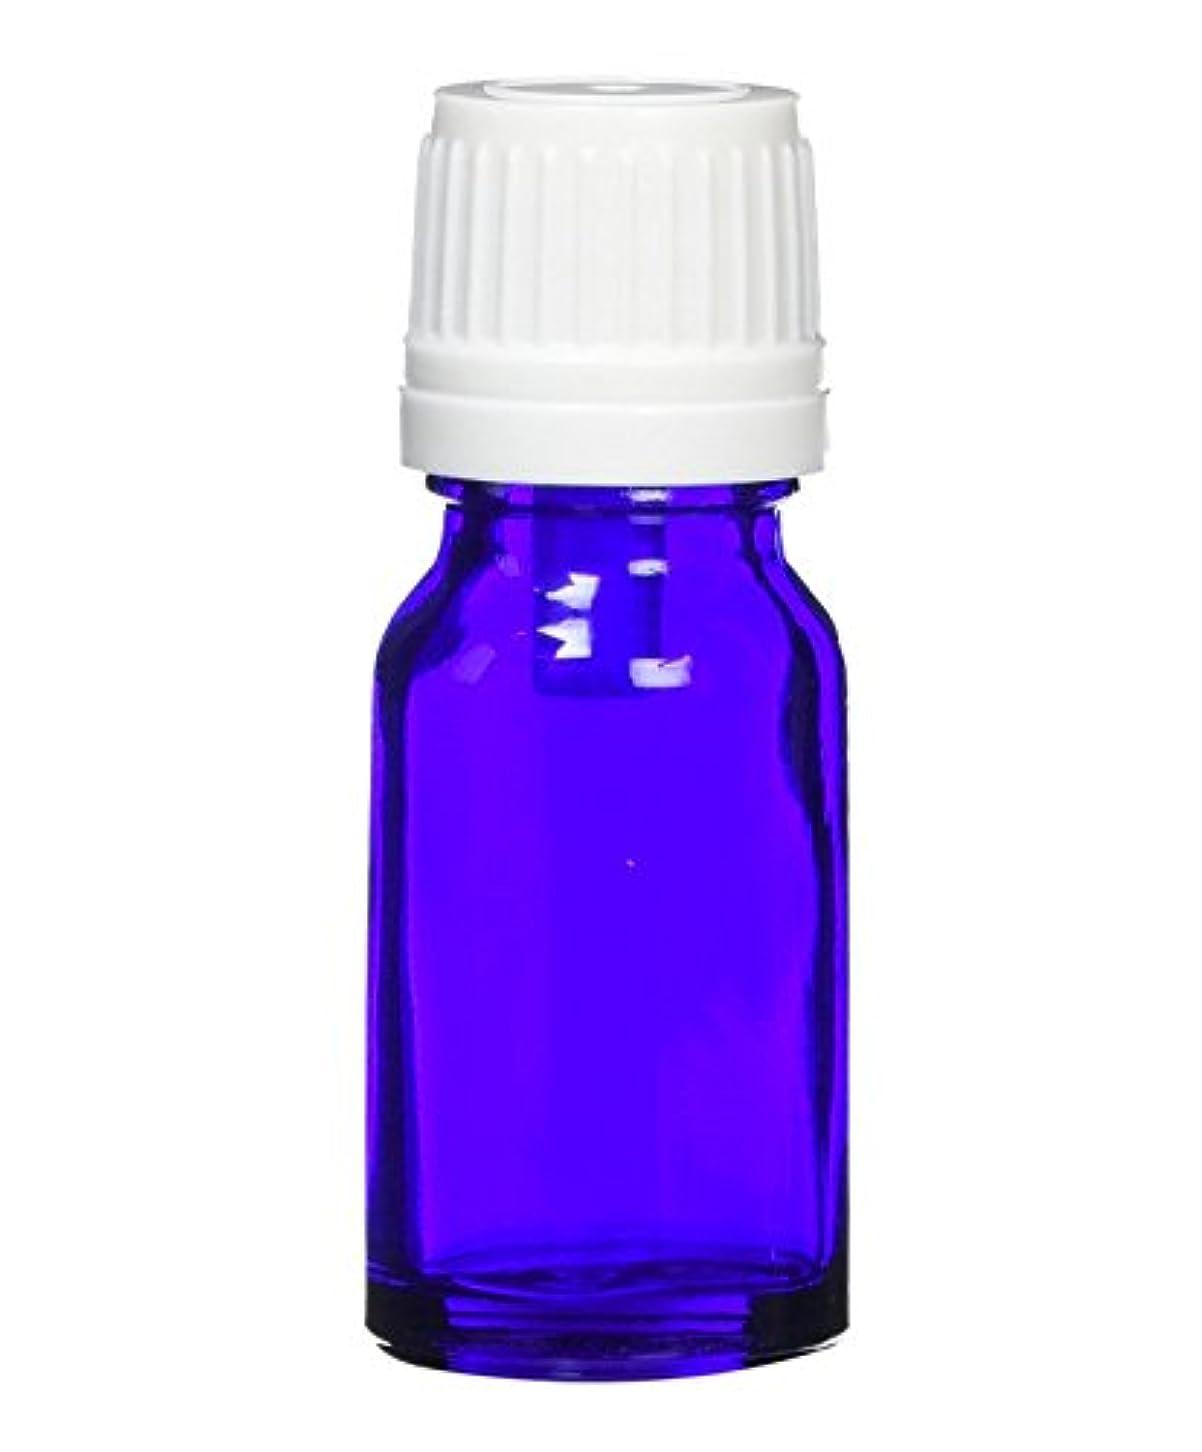 ポンドベアリングピューease 遮光ビン ブルー (高粘度用) 10ml ×10本 (国内メーカー)